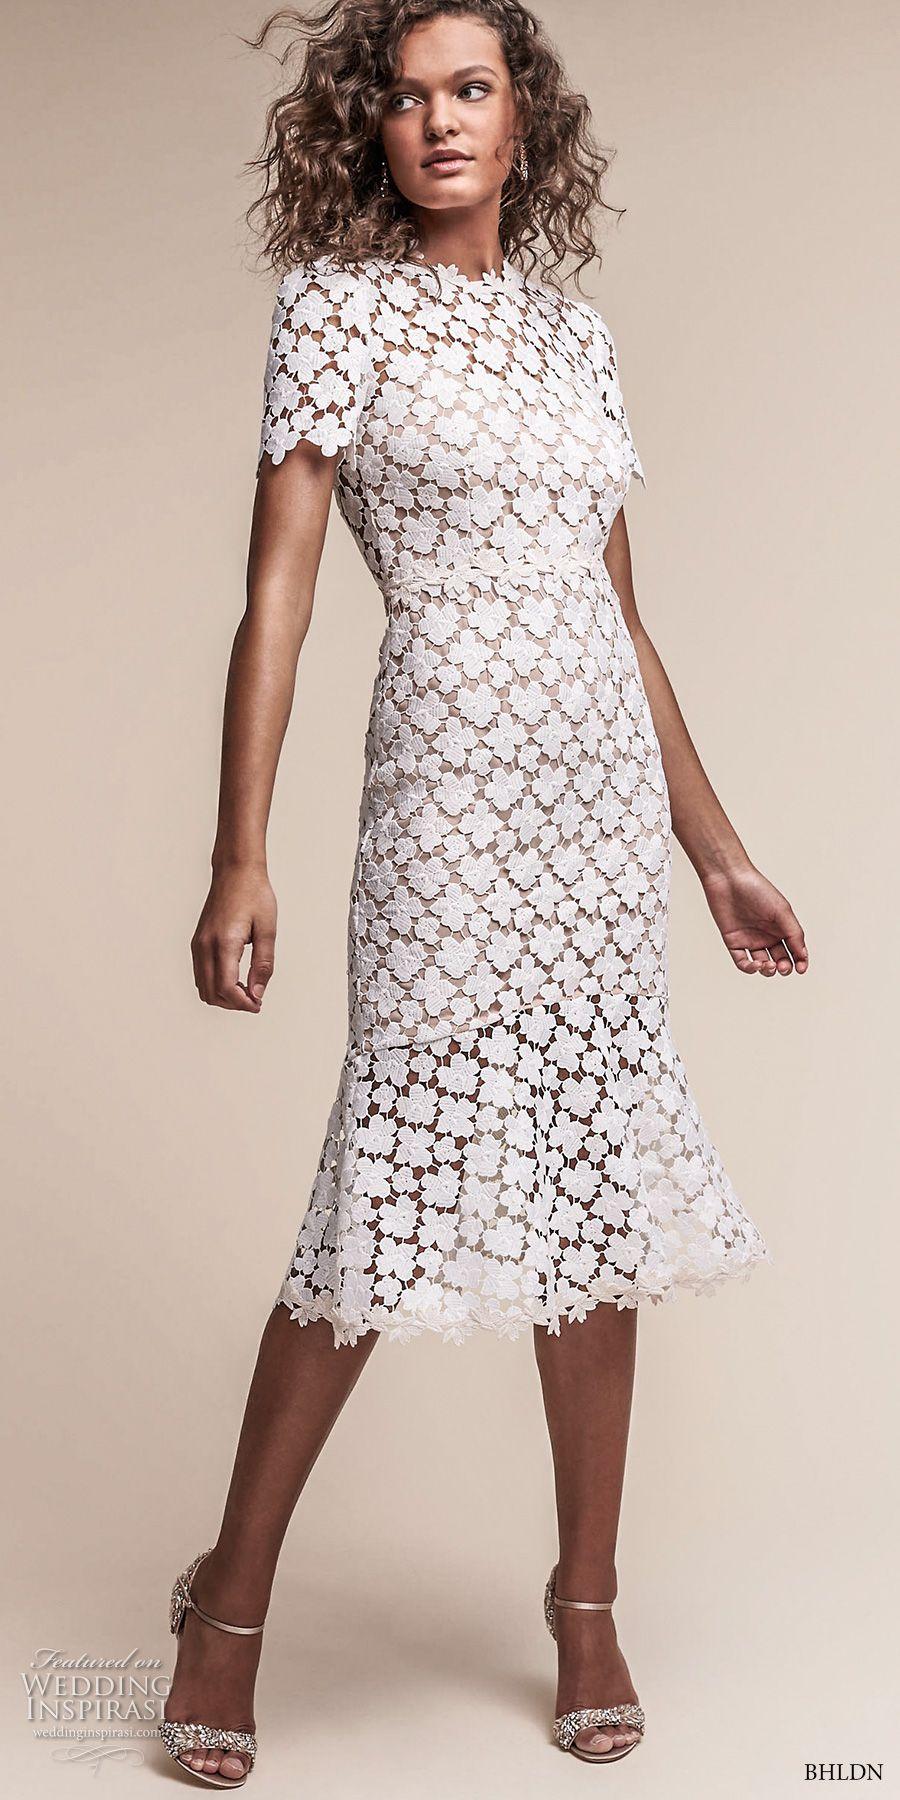 Short boho wedding dress  BHLDNus NeoBohemian Wedding Dresses u  ucOasisud Bridal